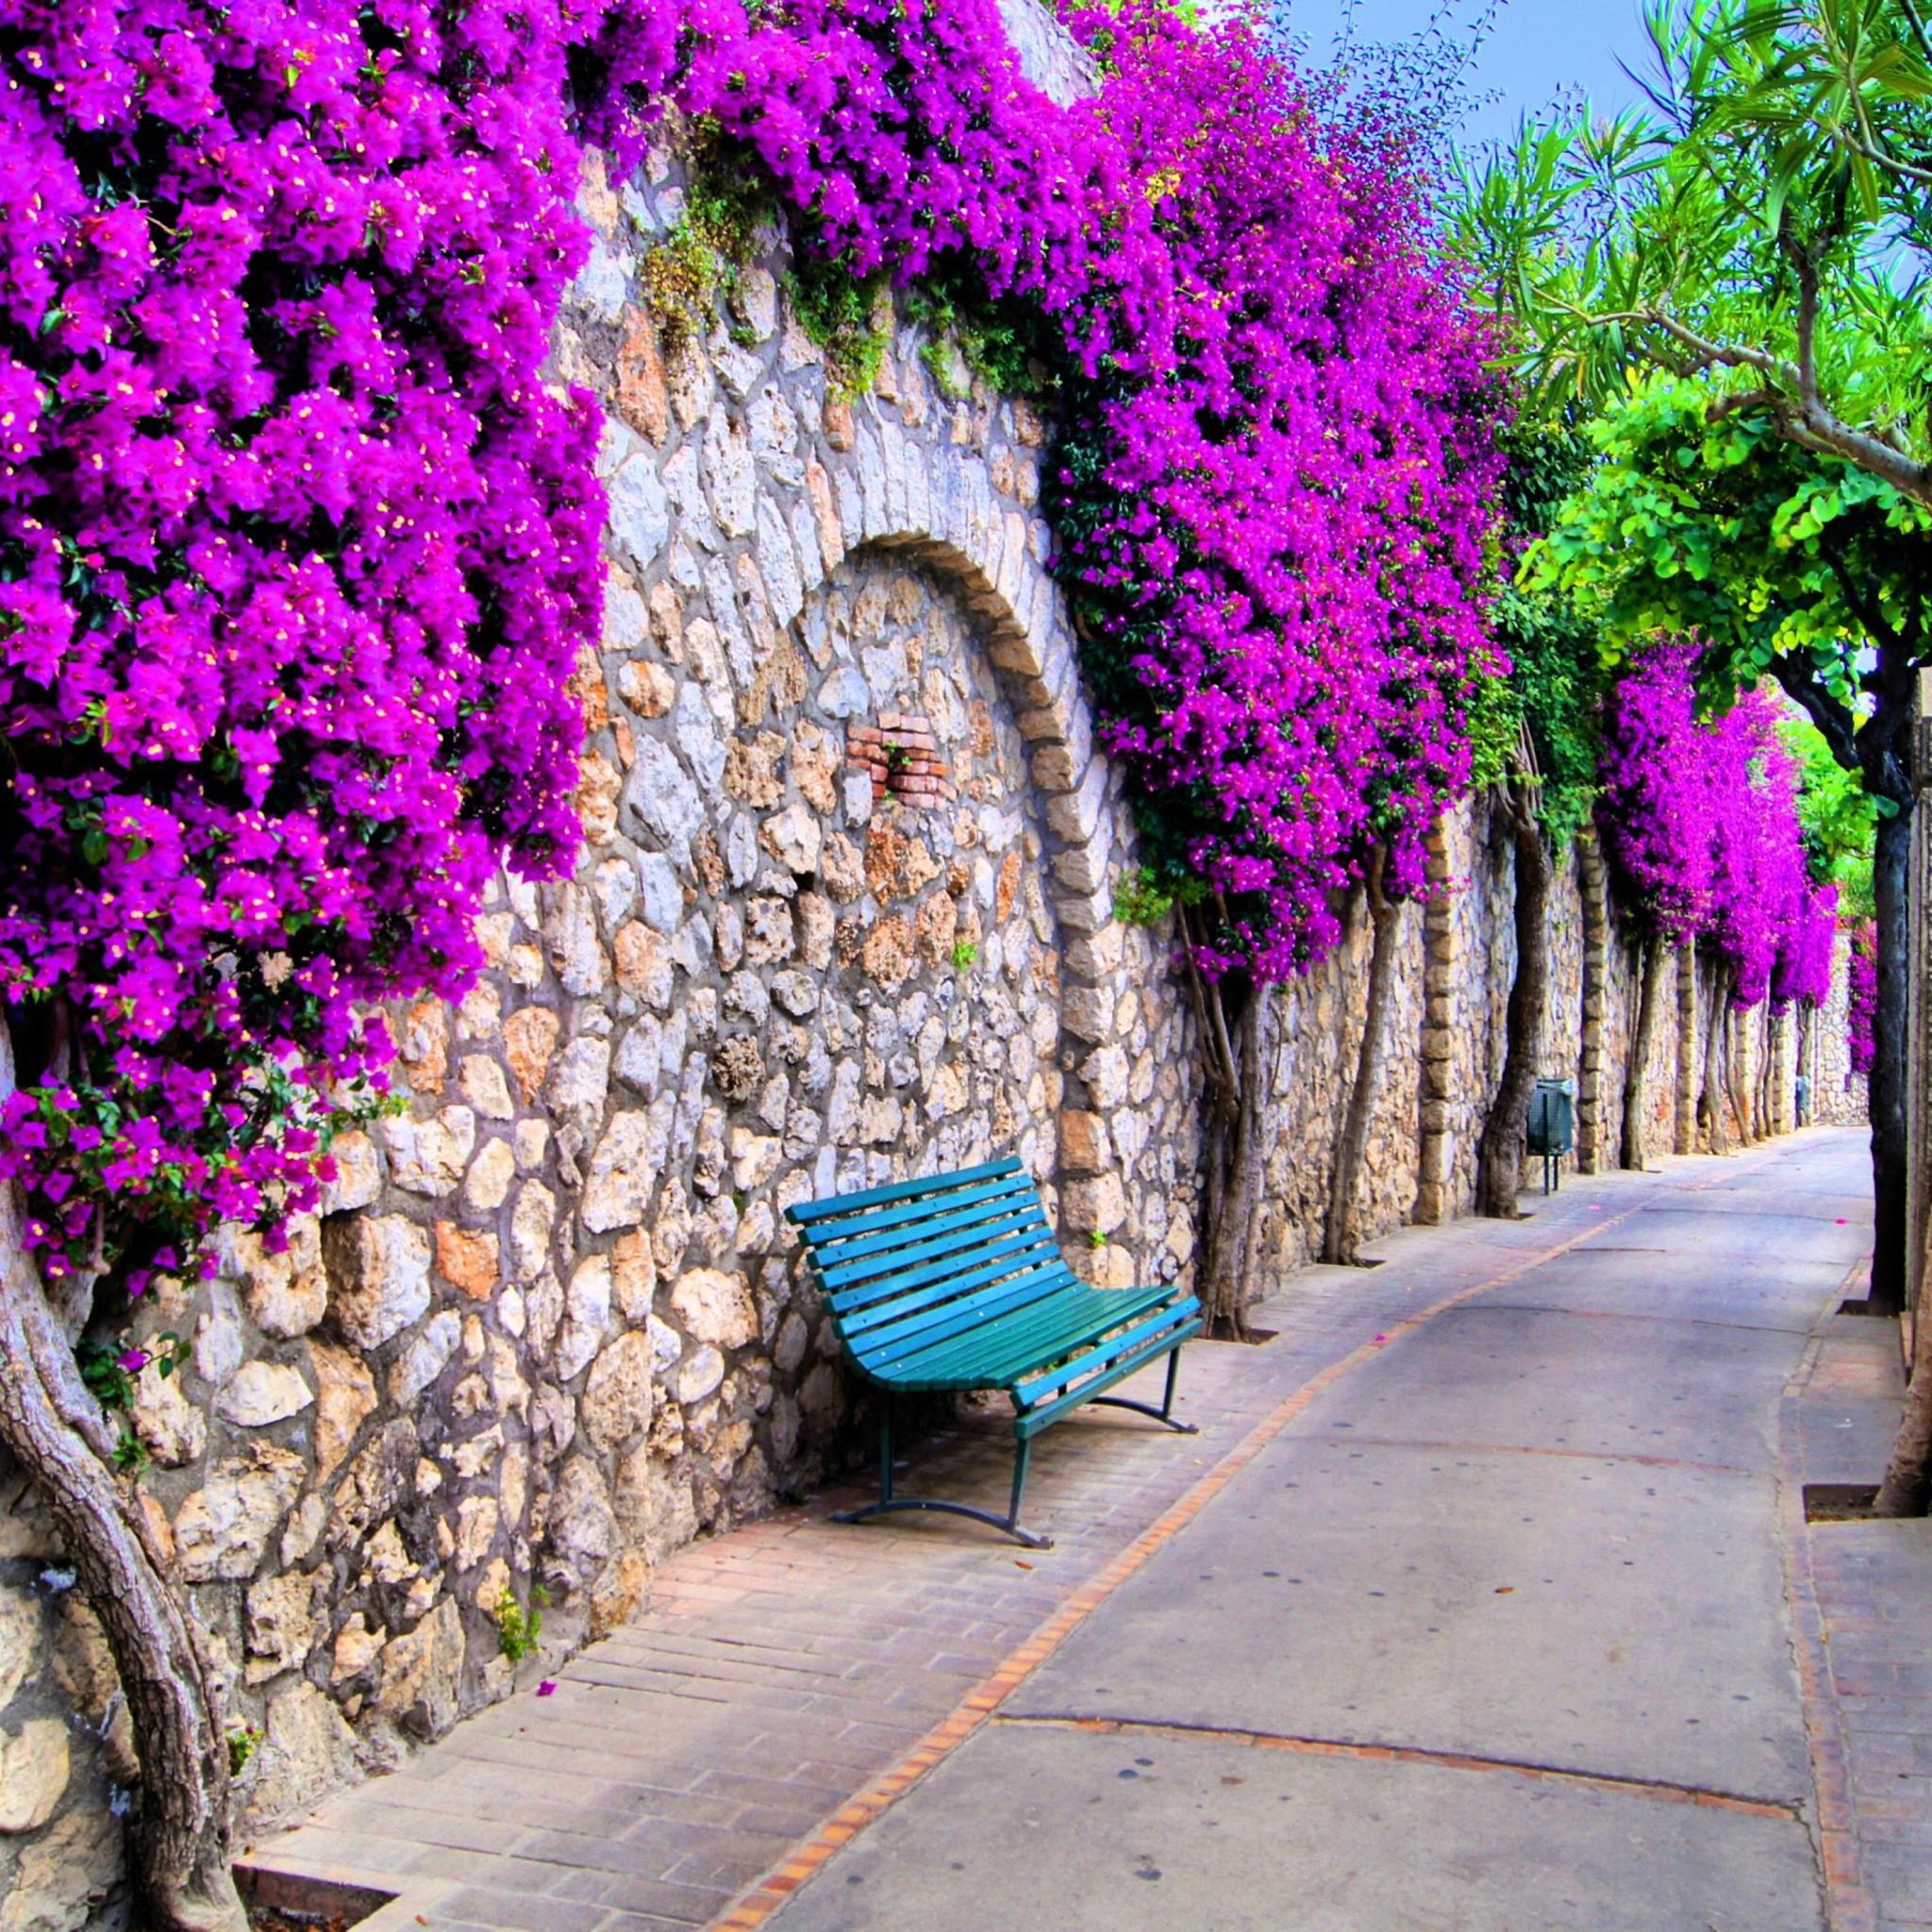 цветы аллея ступеньки flowers alley steps скачать